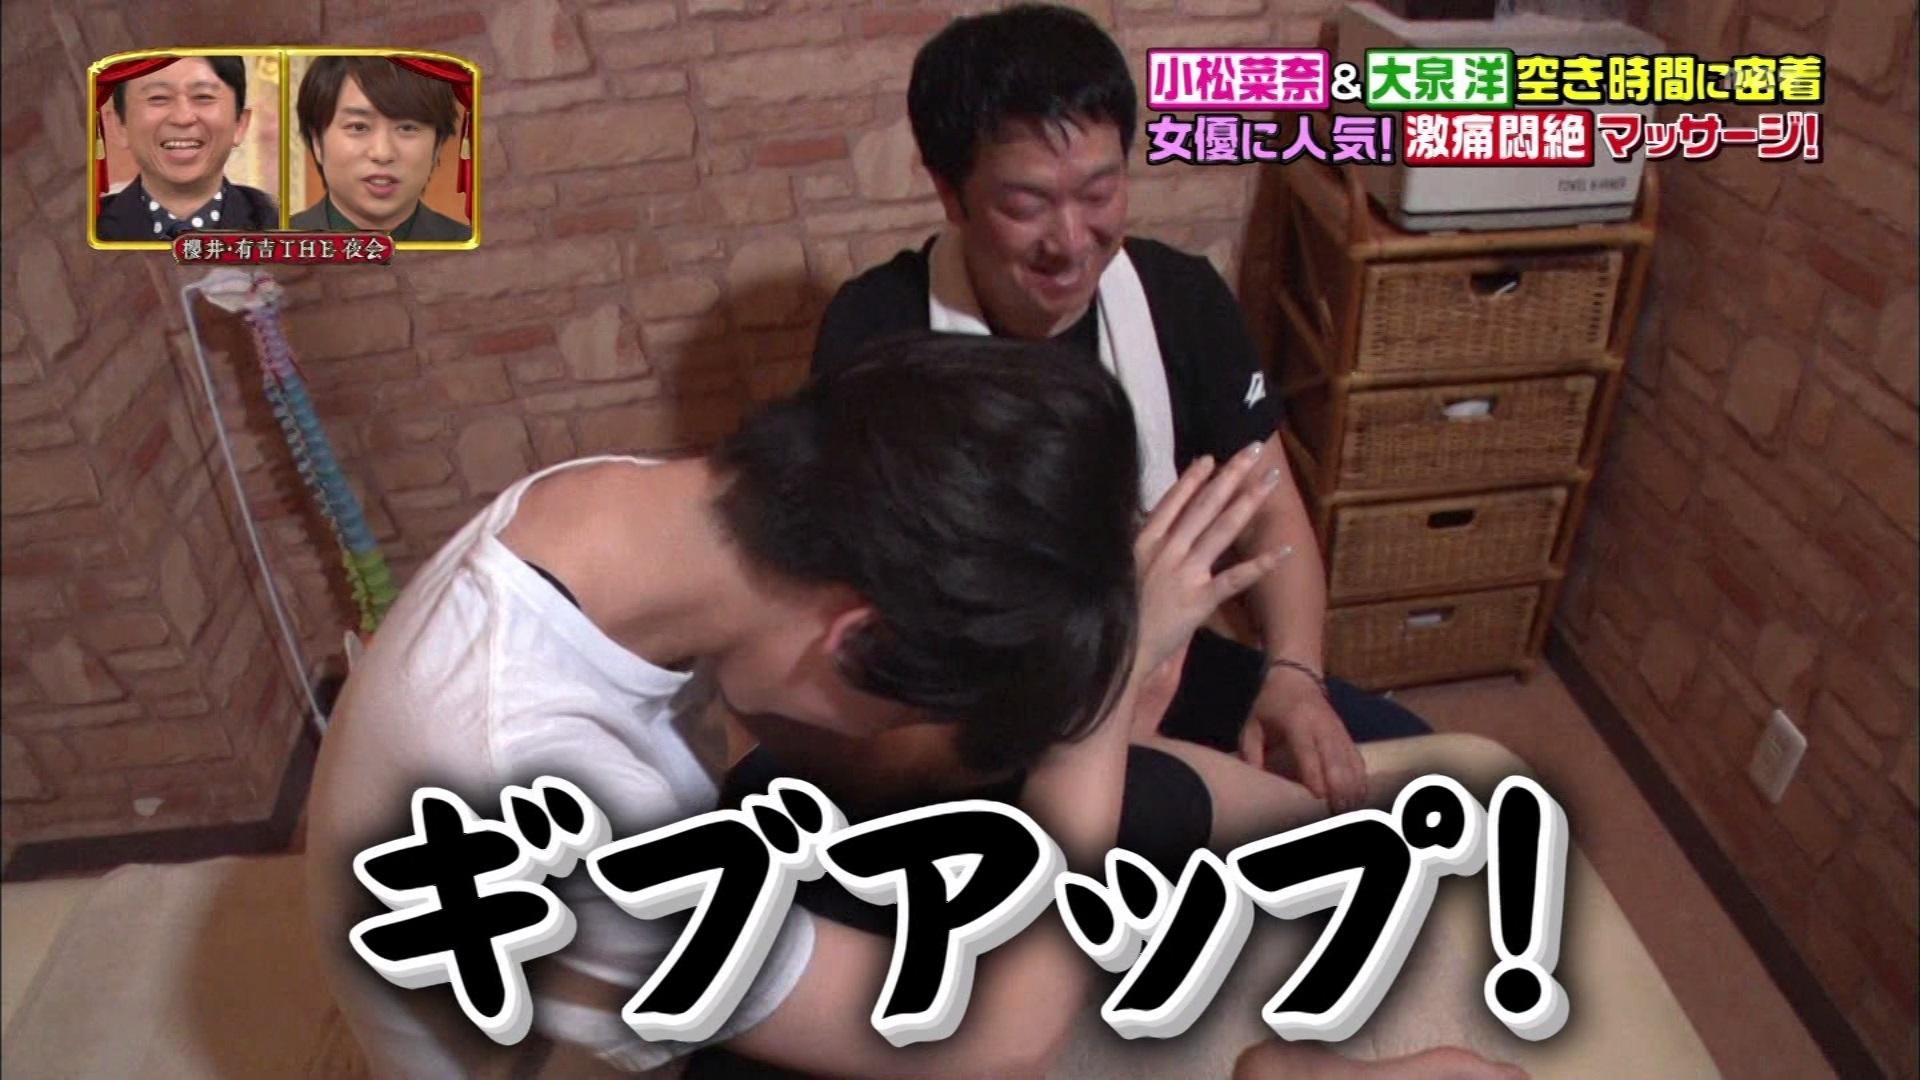 小松菜奈_マッサージ_テレビキャプ画像_22